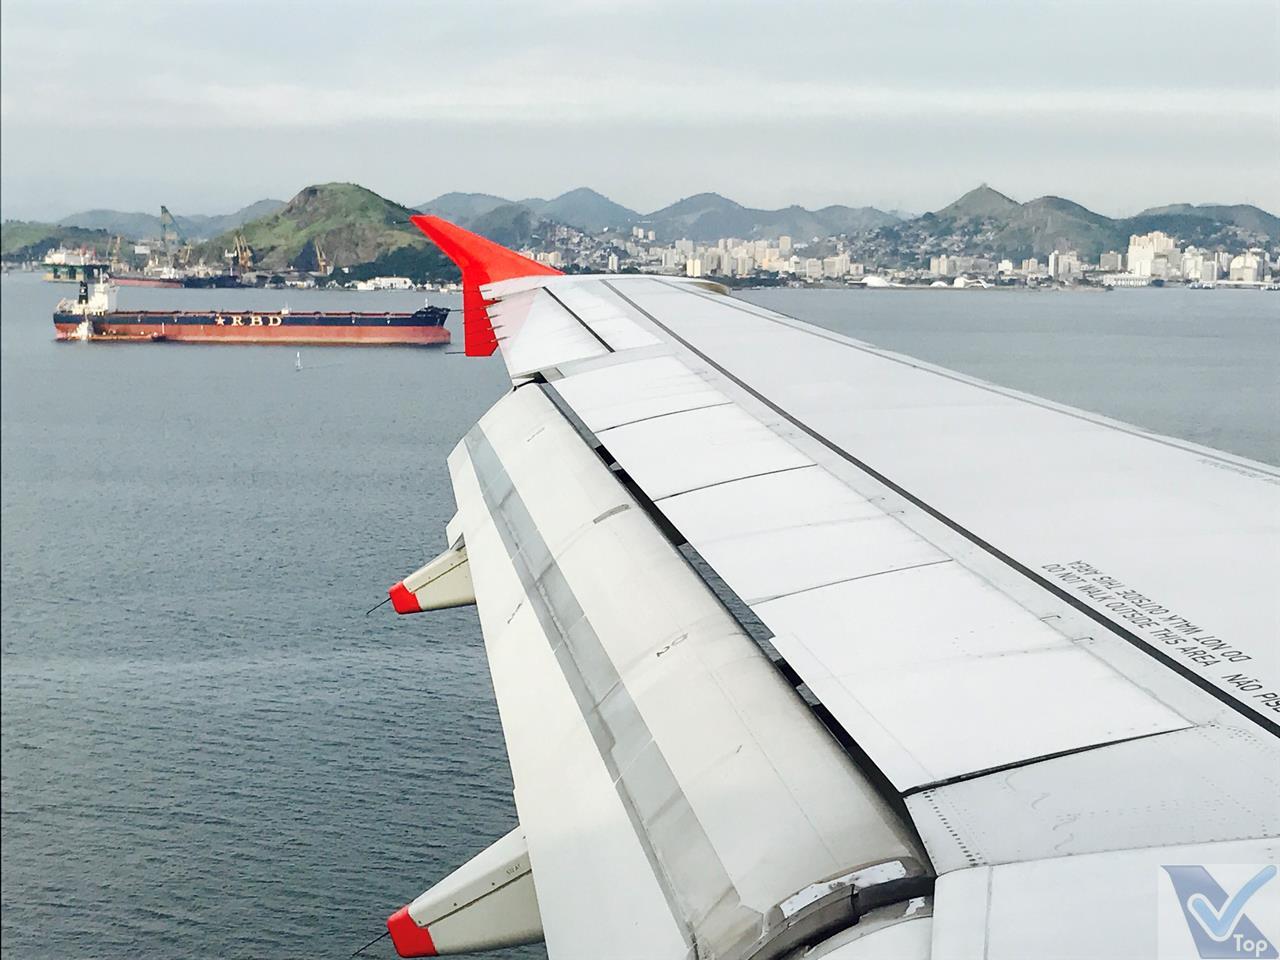 Avianca - A319 - Aproximação SDU 4